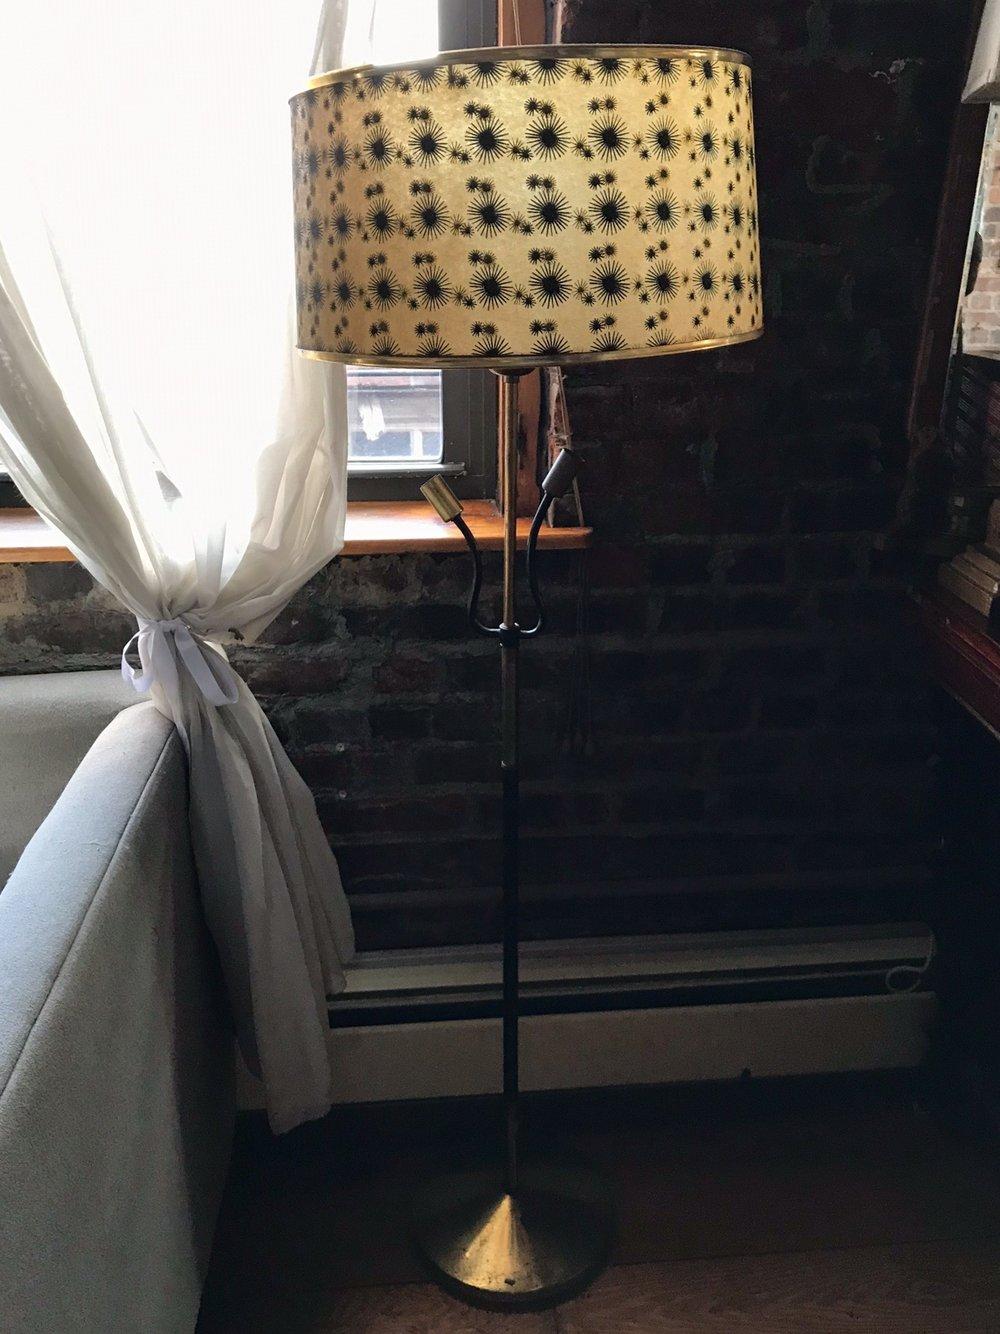 Starburst Pattern Standing Lamp